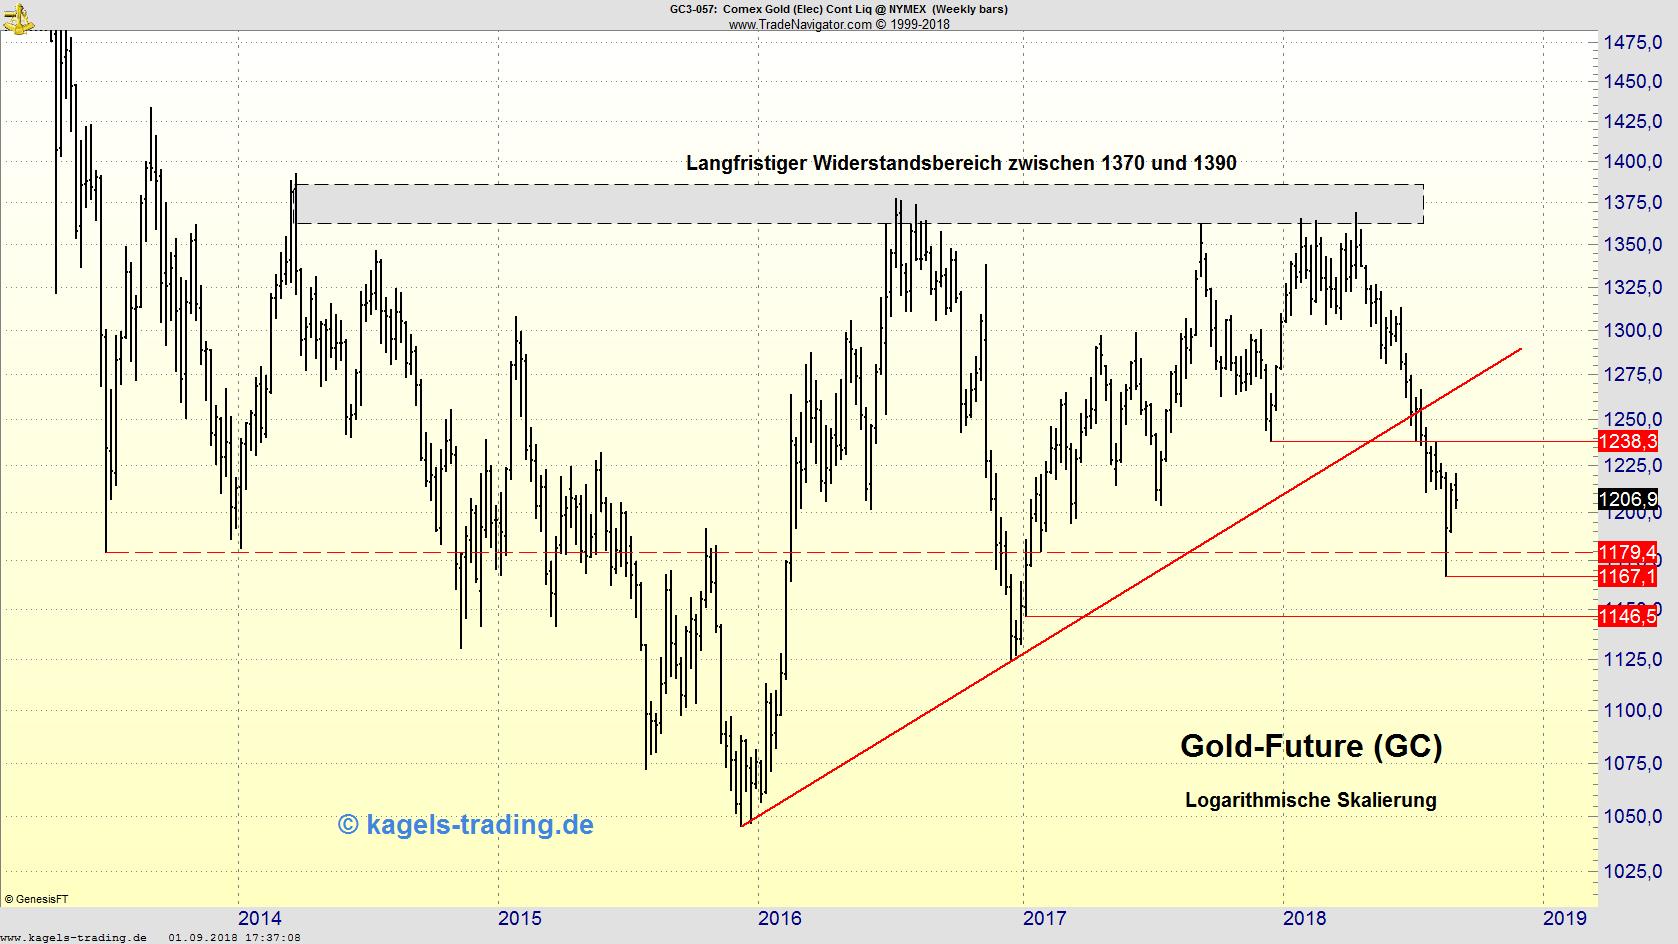 Gold-Wochenchart in der Analyse